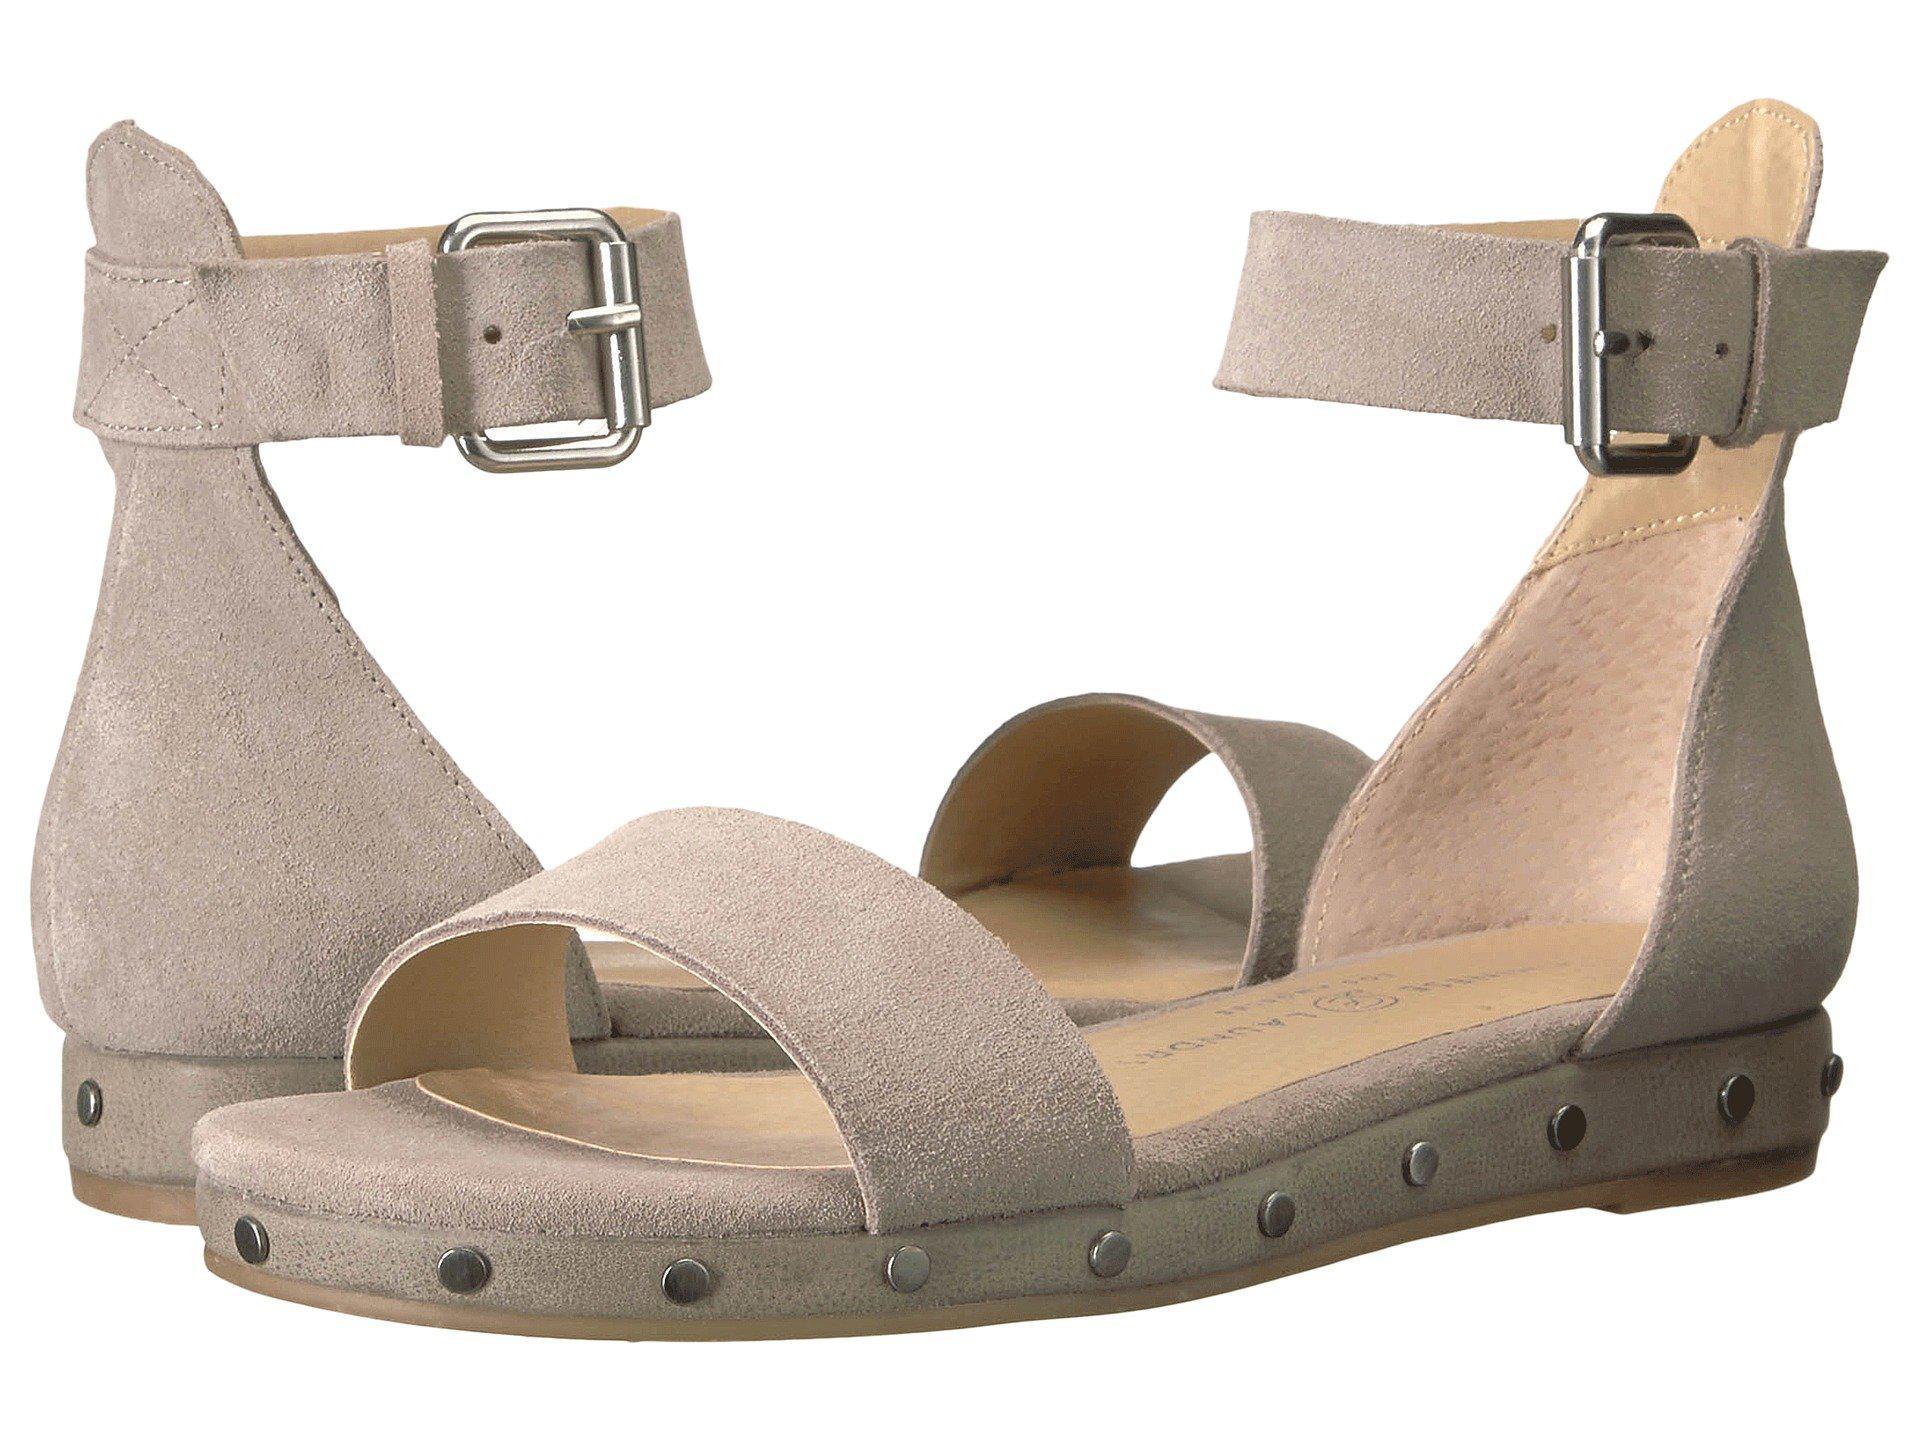 d3de7e1bc02 Lyst - Chinese Laundry Grady Sandal